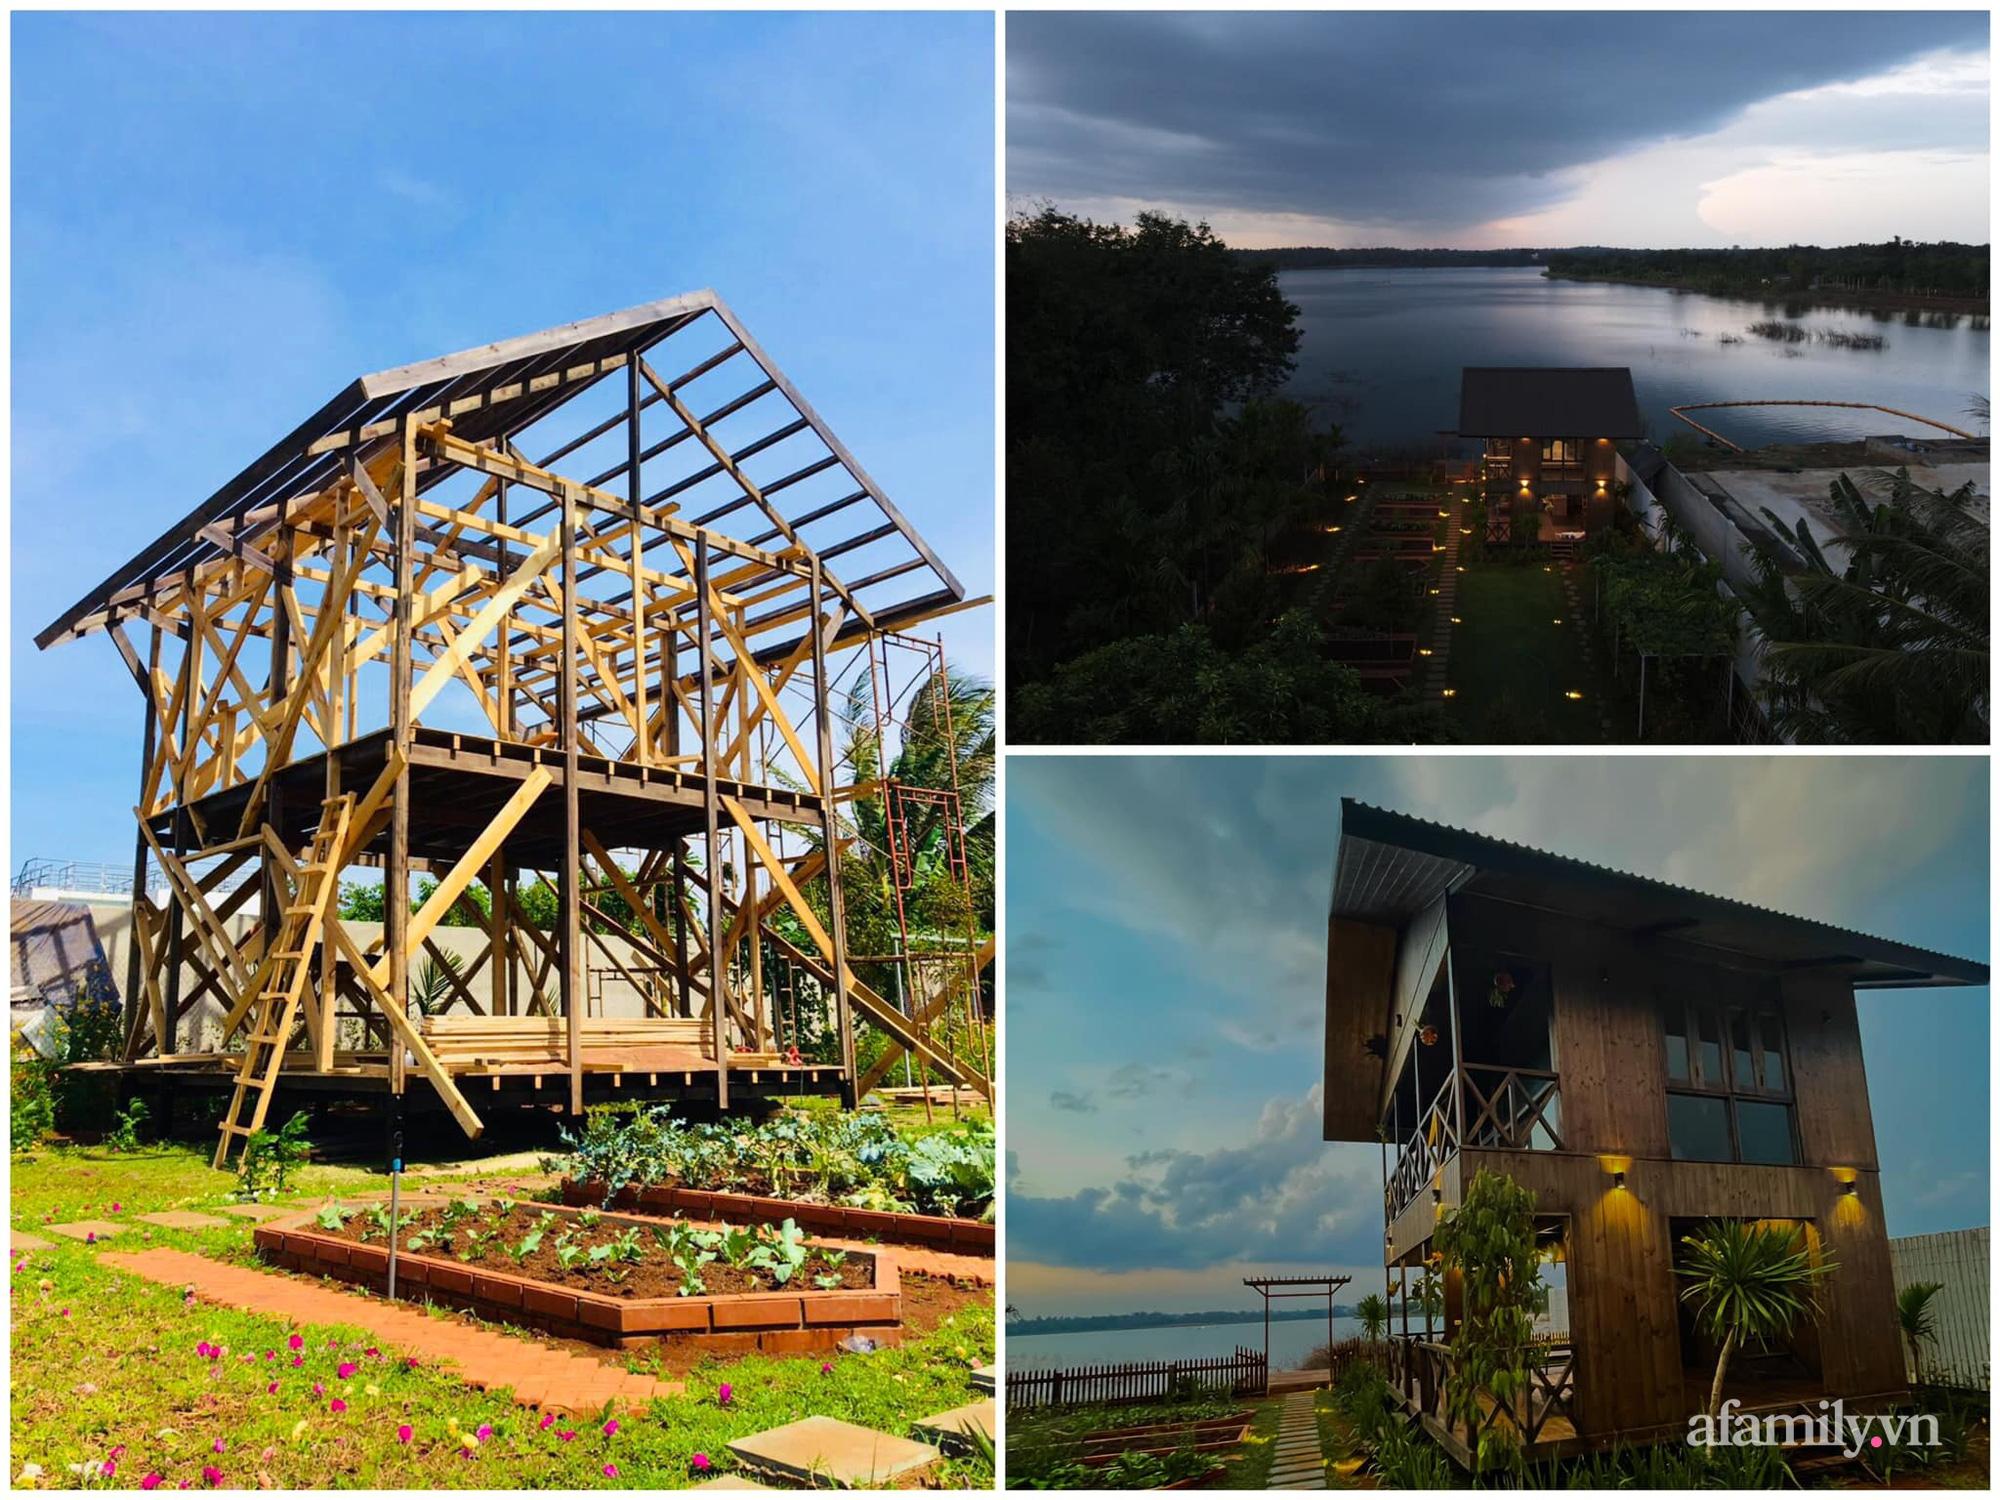 Căn nhà gỗ bình yên hướng tầm nhìn ra hồ nước trong veo, thơ mộng ở Buôn Mê Thuột - Ảnh 8.